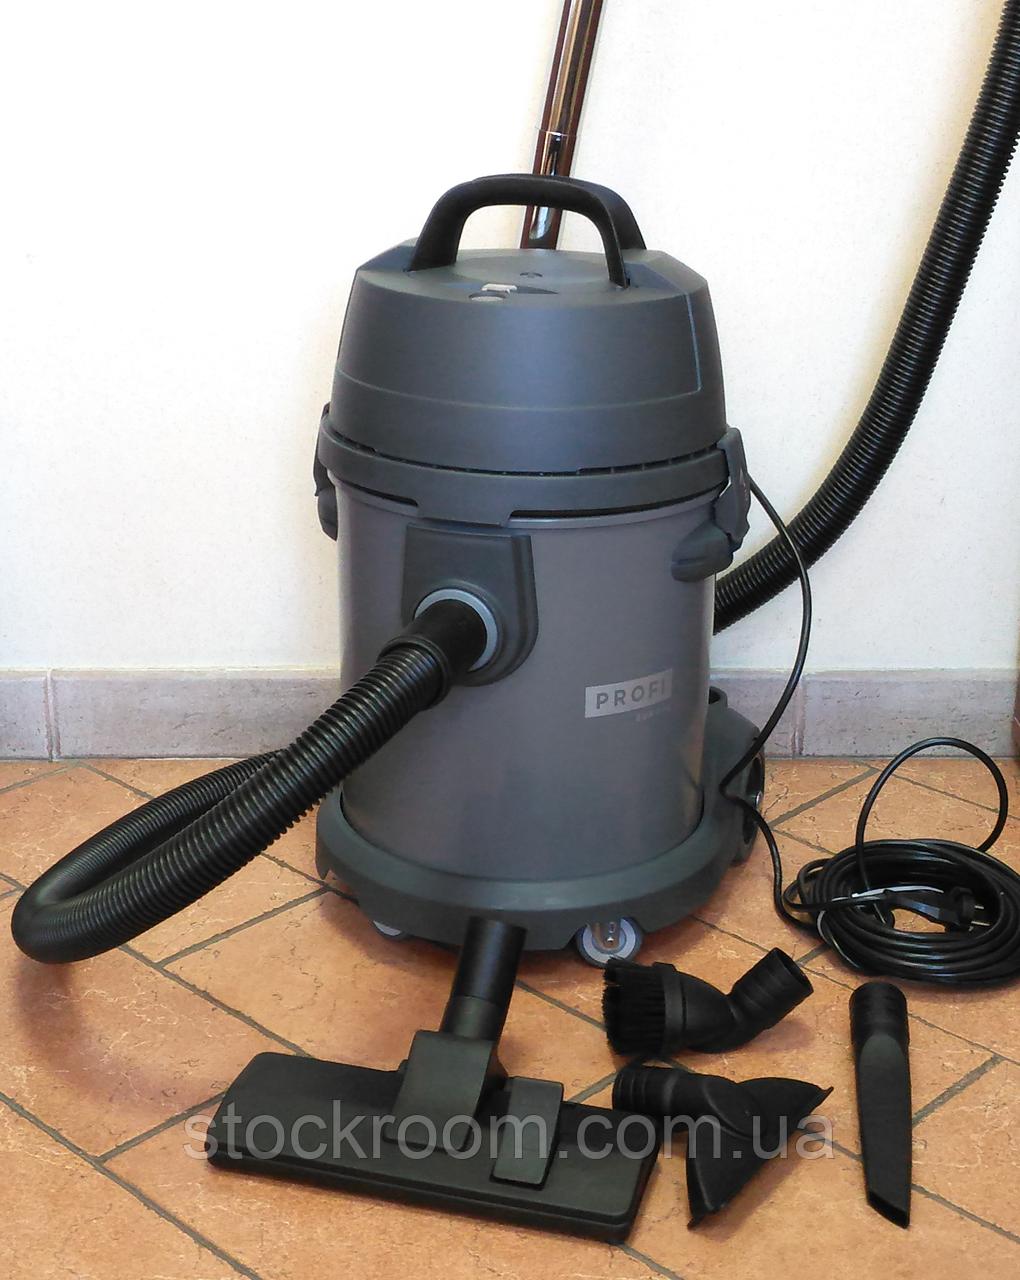 Пылесос PROFI 5.1 MF для сухой уборки, профессиональный